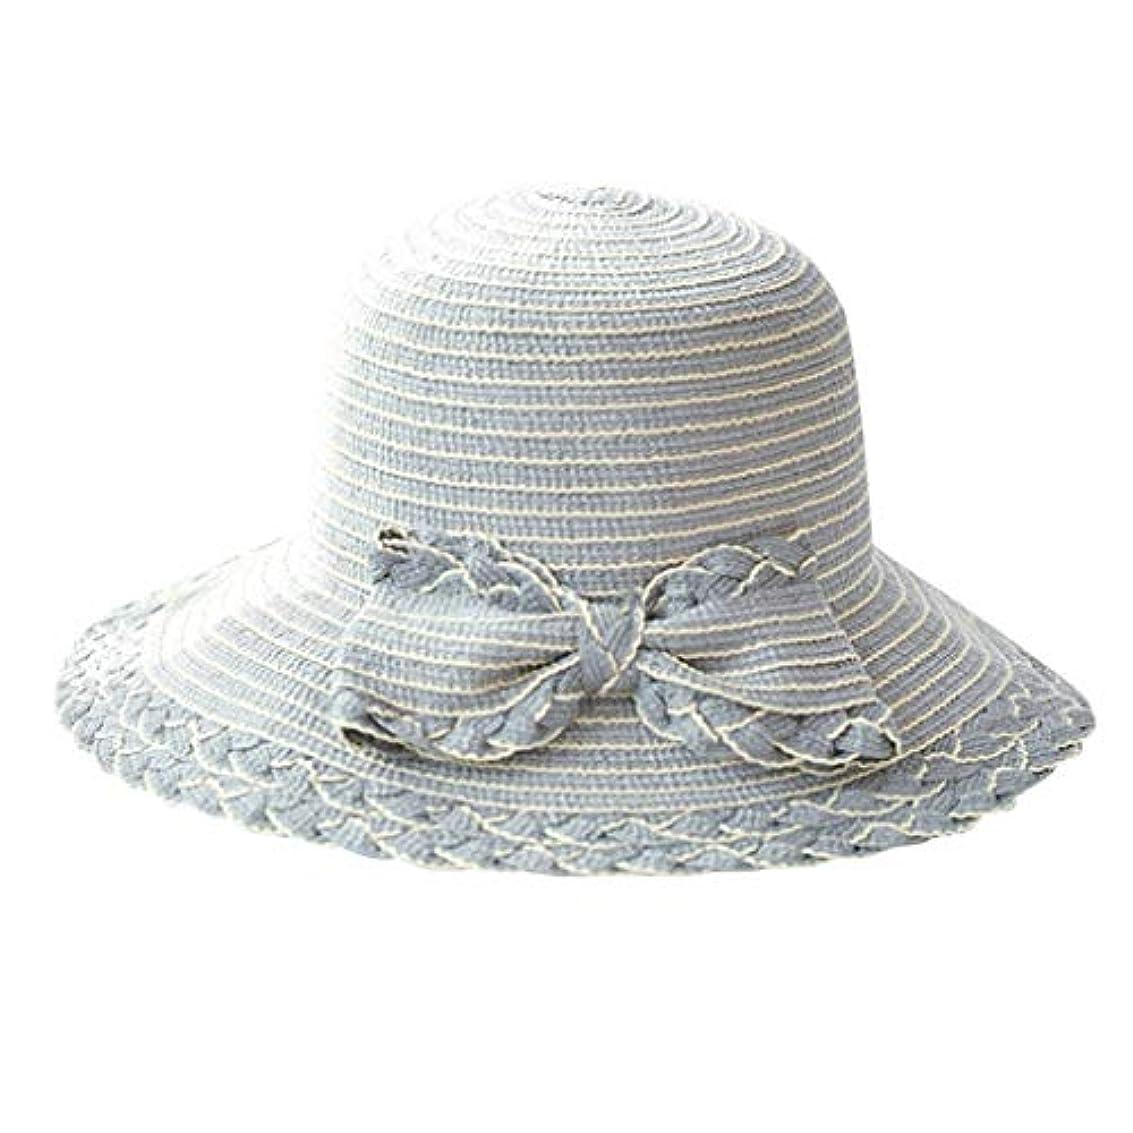 危機派生する要求夏 帽子 レディース UVカット 帽子 ハット レディース 日よけ 夏季 女優帽 日よけ 日焼け 折りたたみ 持ち運び つば広 吸汗通気 ハット レディース 紫外線対策 小顔効果 ワイヤー入る ハット ROSE ROMAN